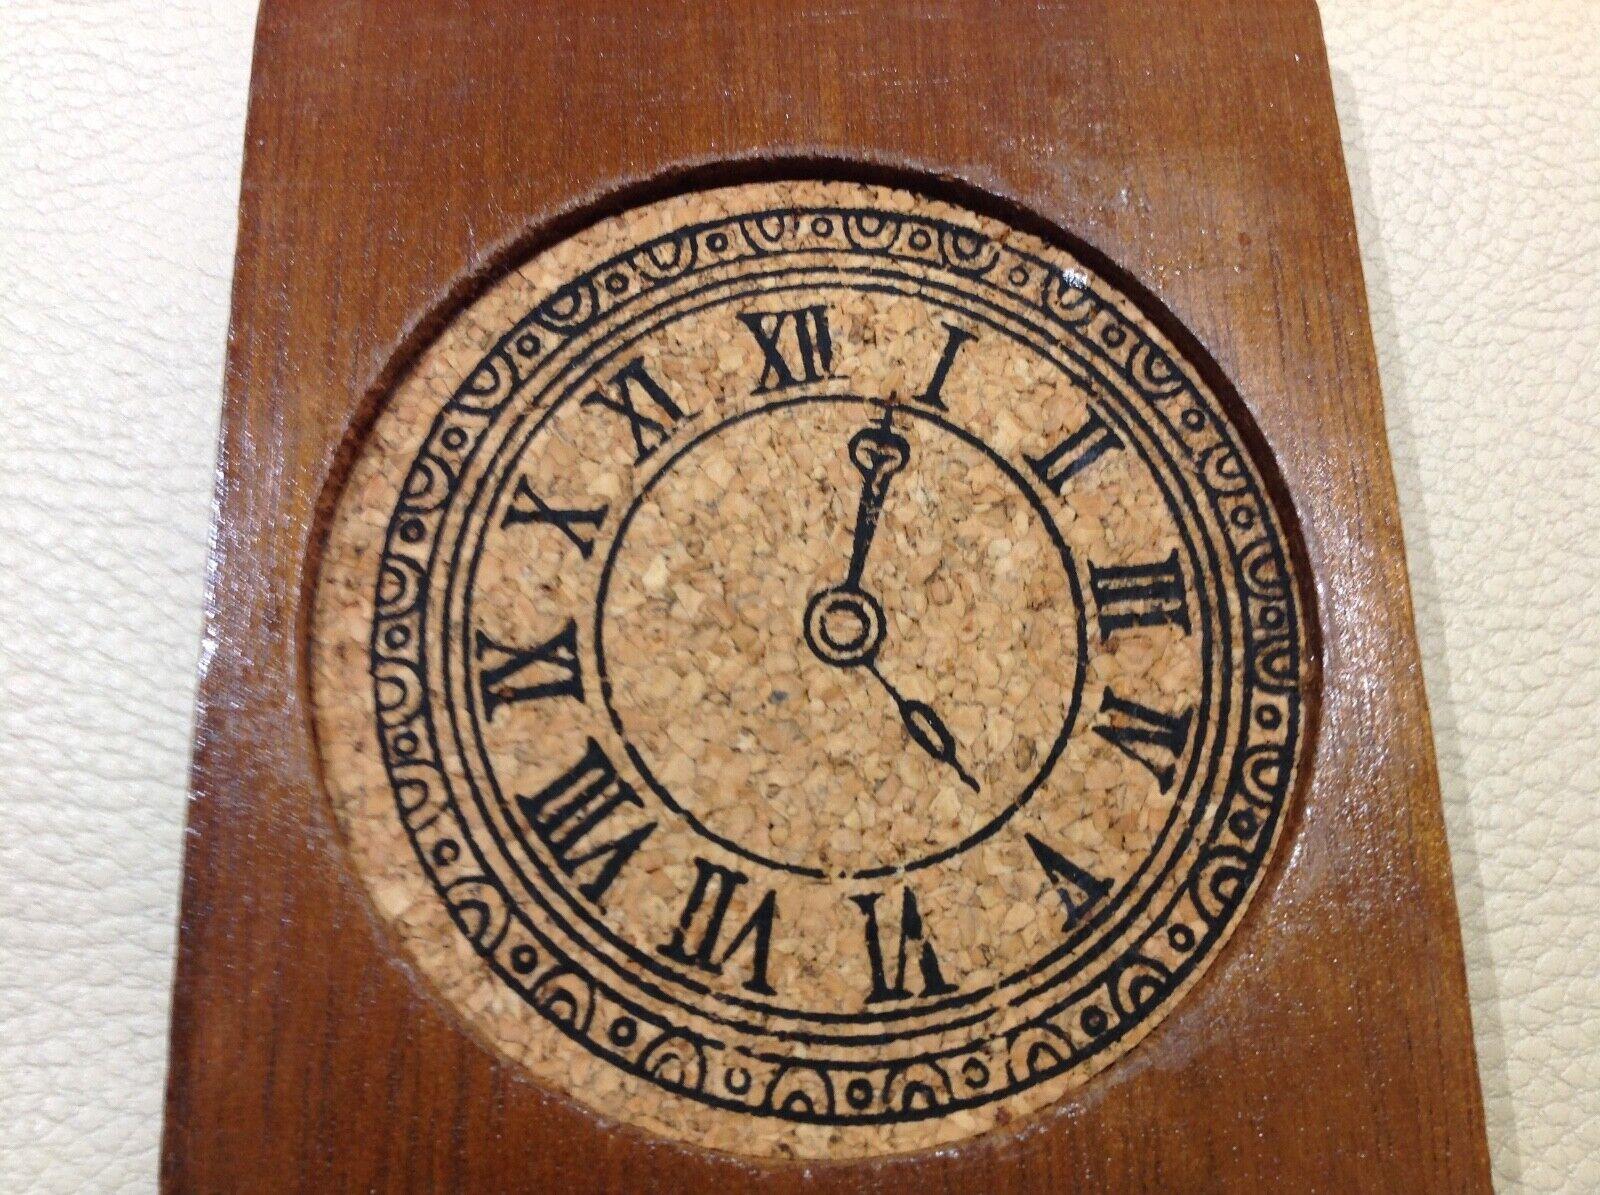 6 dessous de verre en bois et liÈge dans leur boite dÉcor horloge